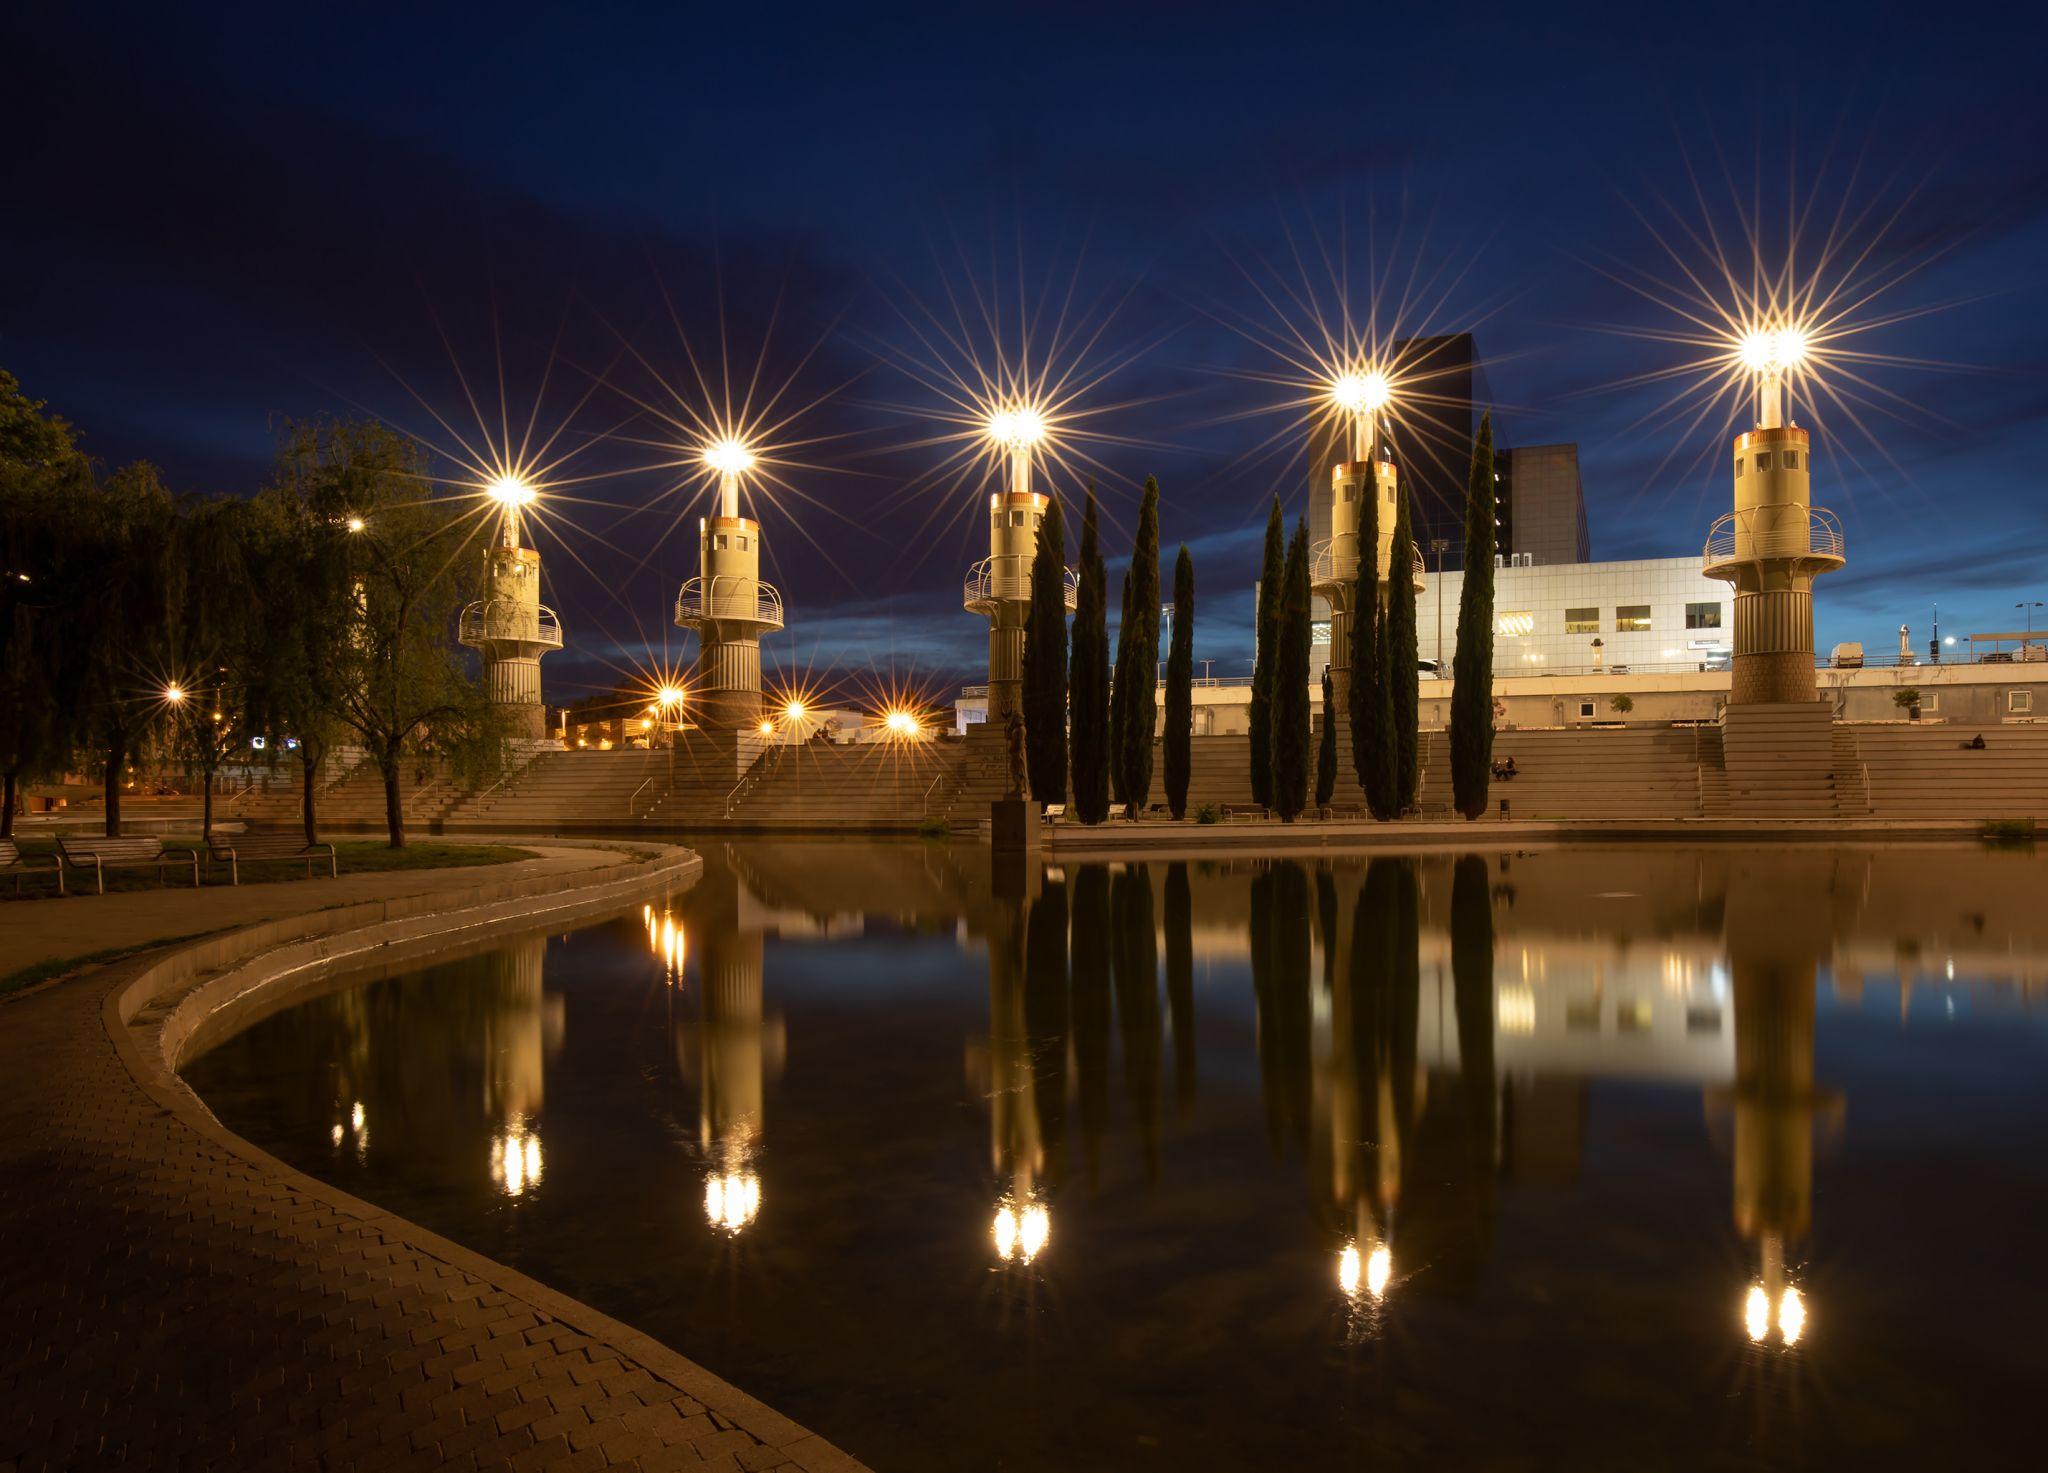 Parc de l'Espanya Industrial, Spain